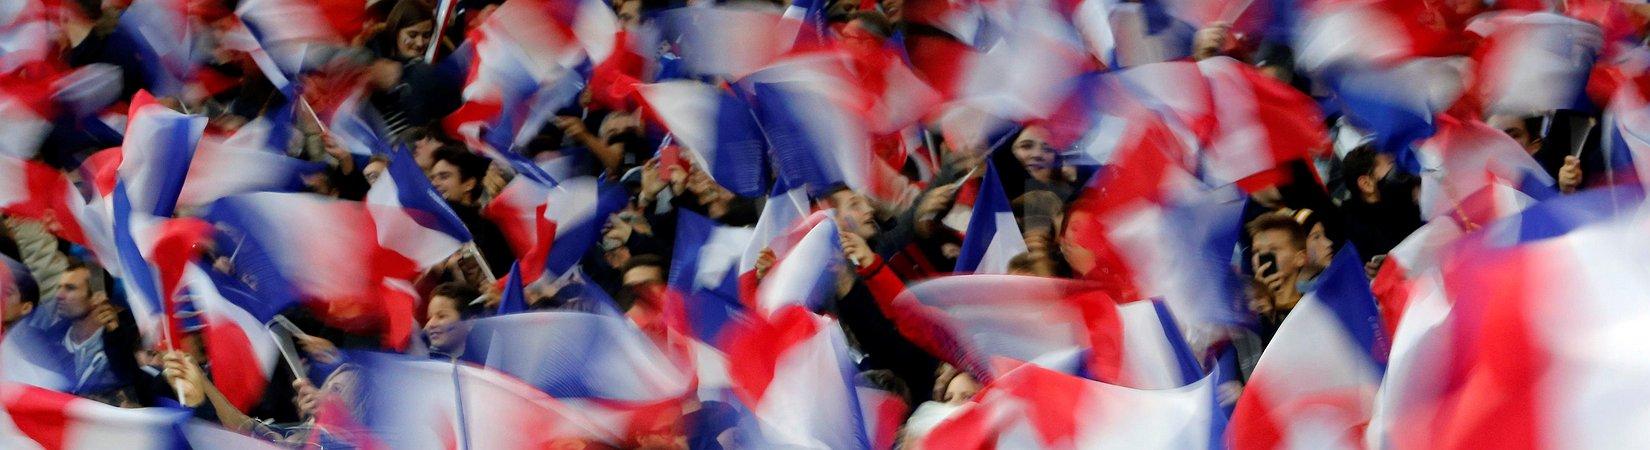 Tem início corrida à presidência francesa